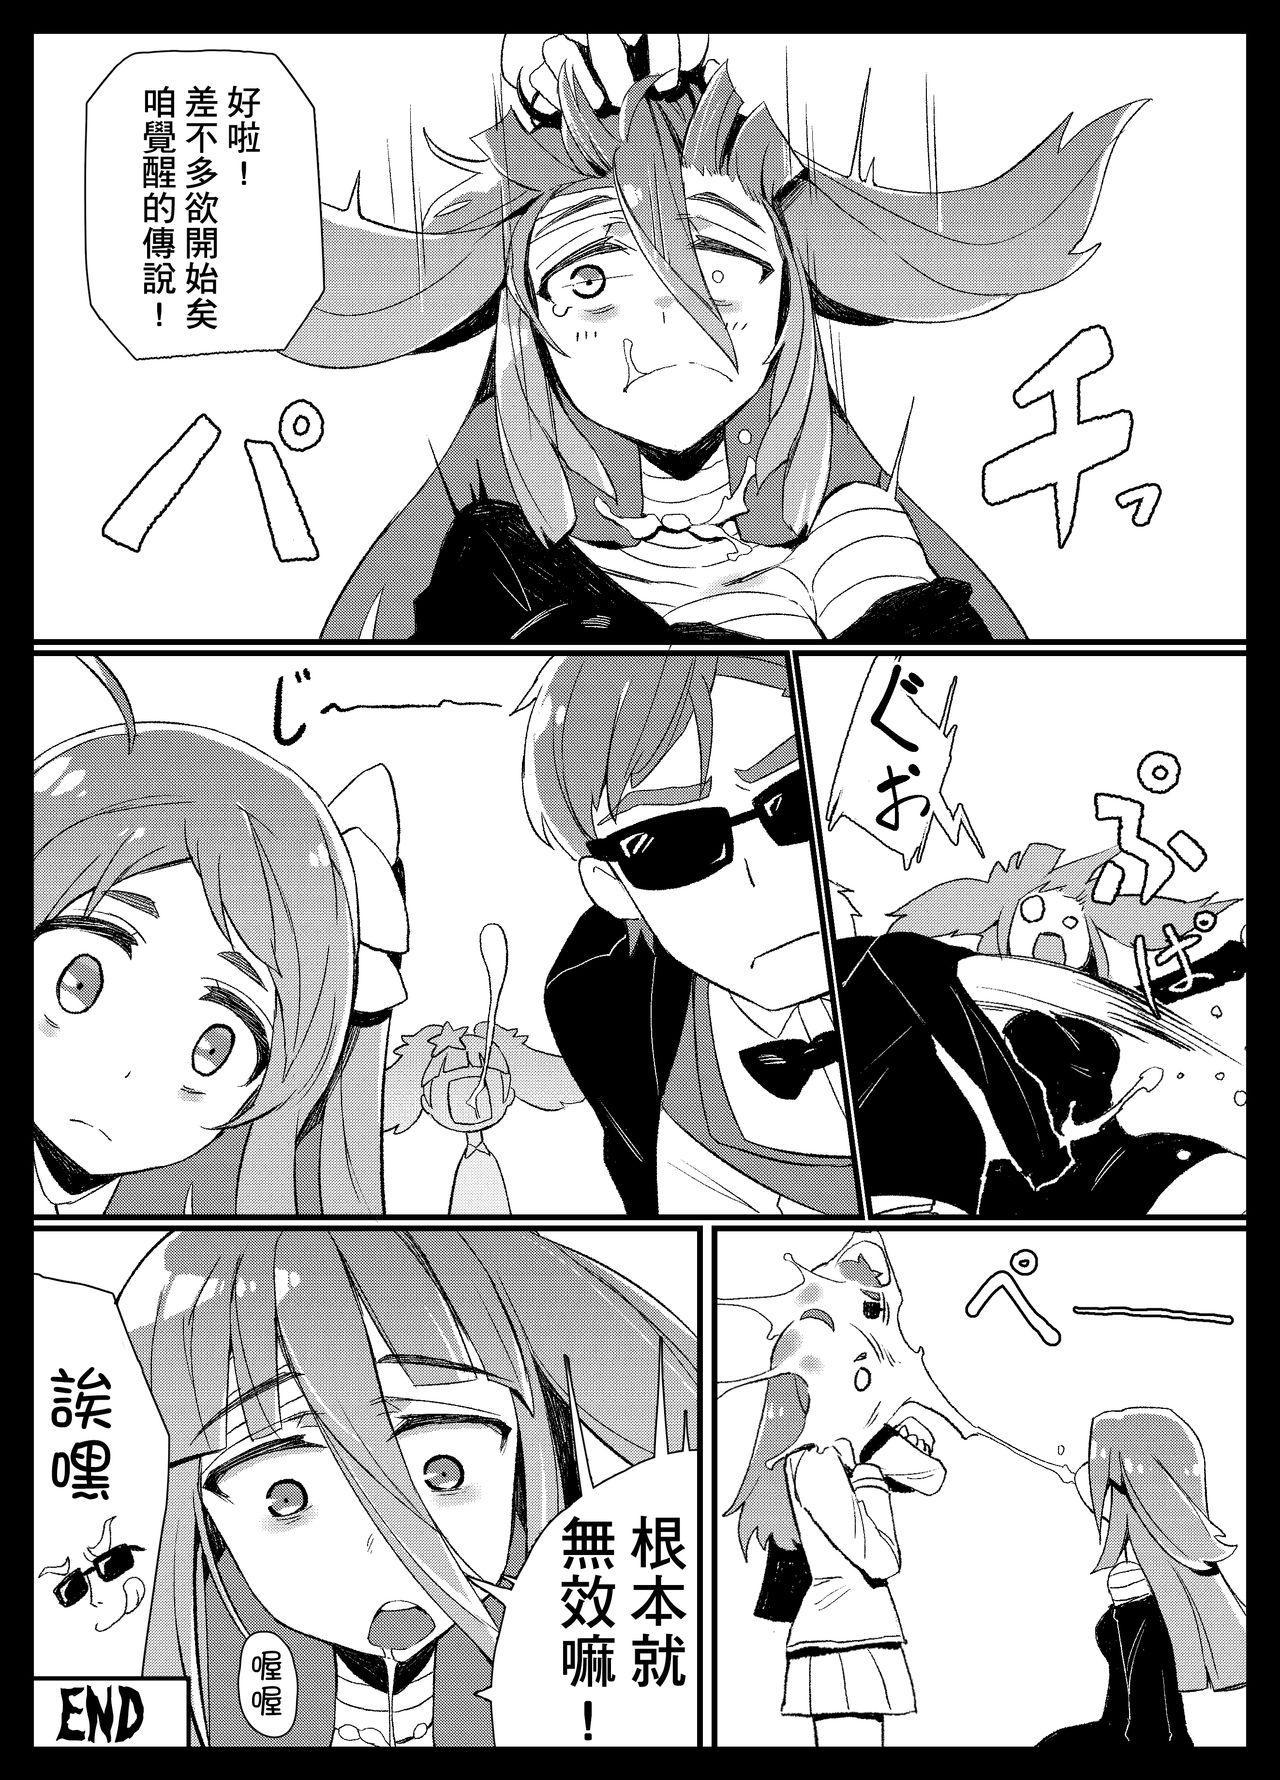 Densetsu no Hon 21